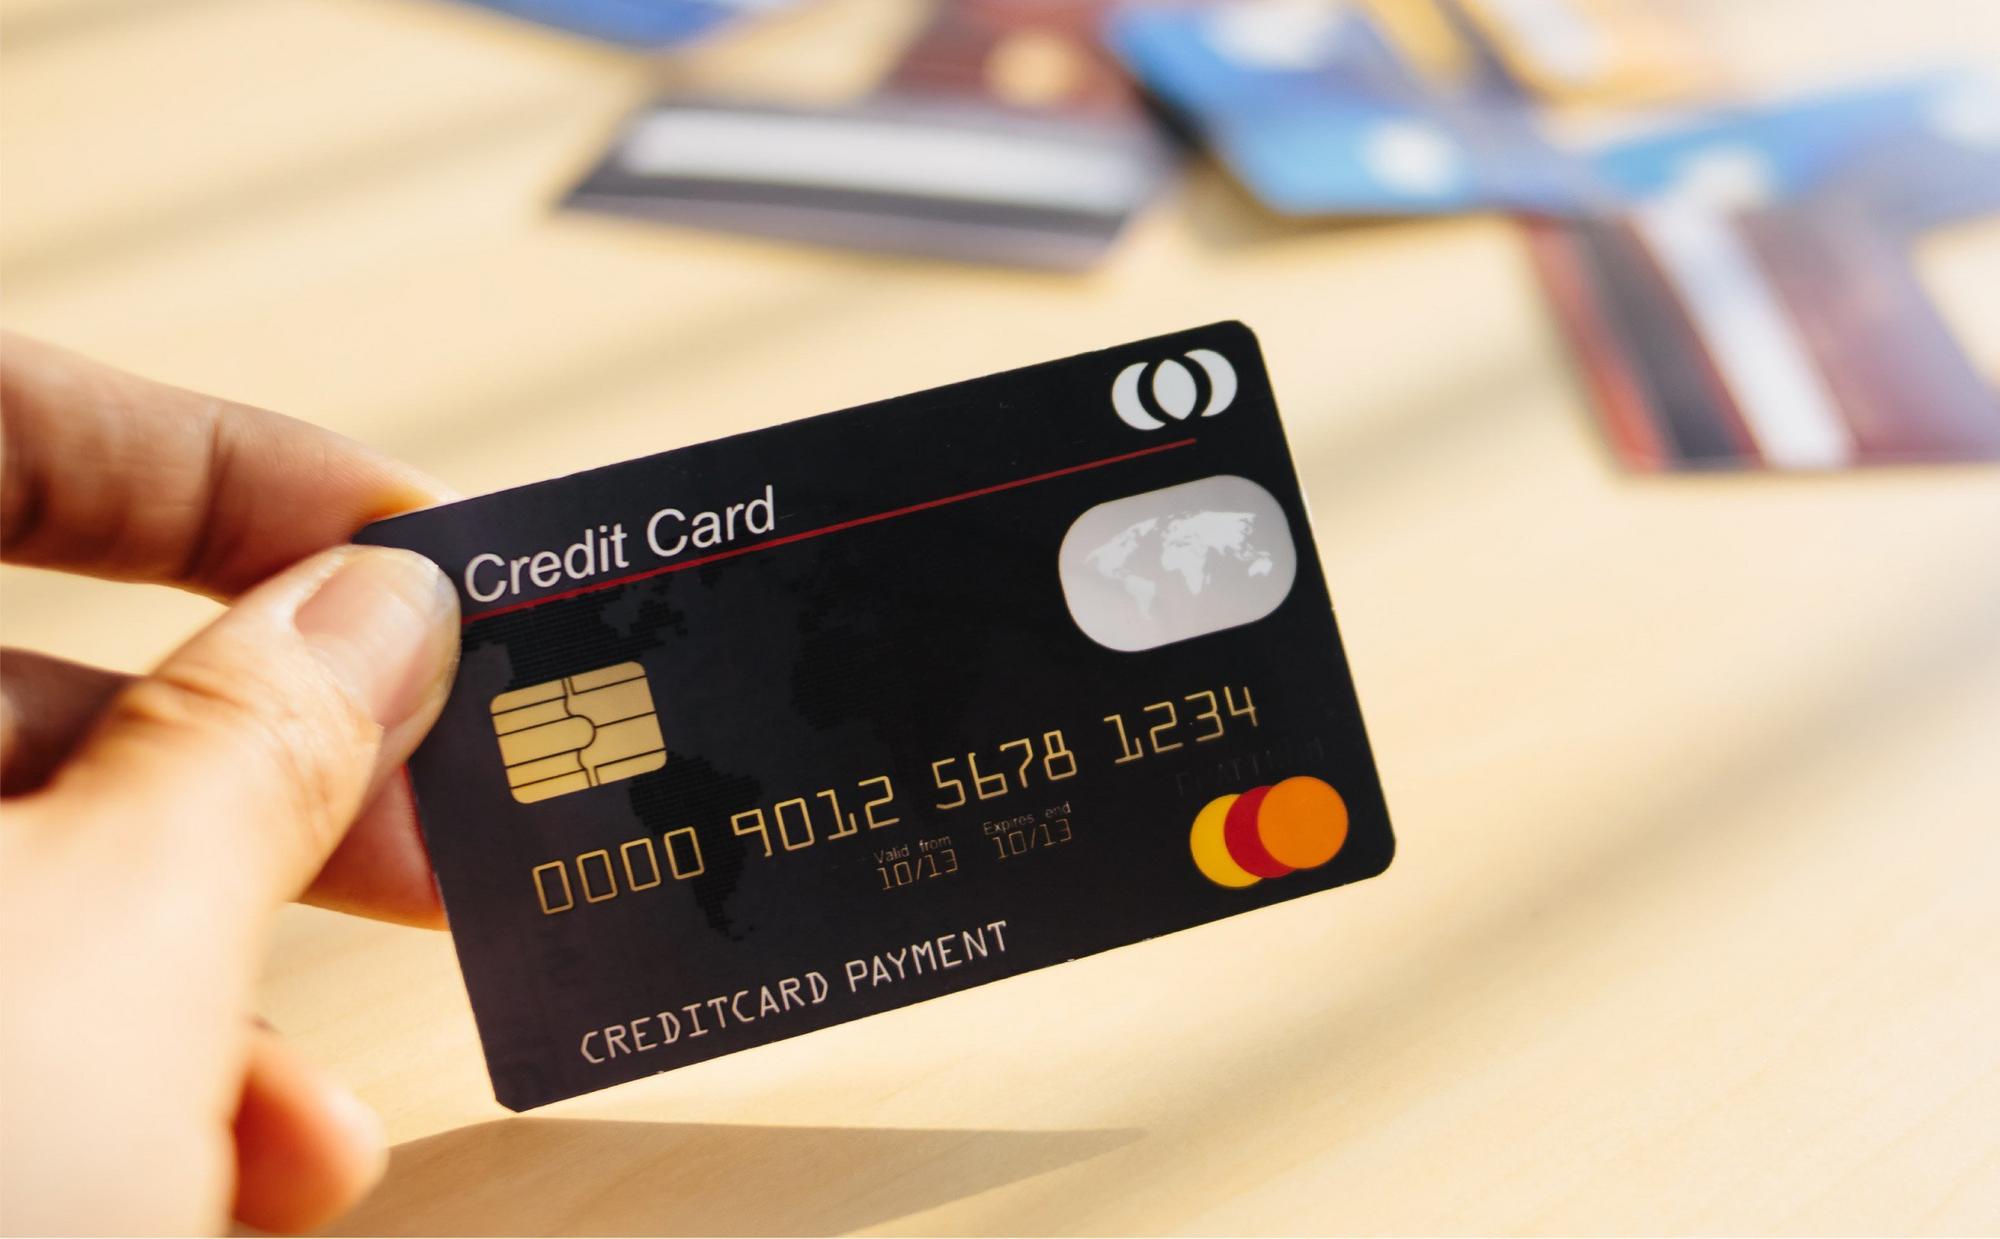 Cách sử dụng thẻ tín dụng thông minh là thanh toán đúng hạn - Money24h